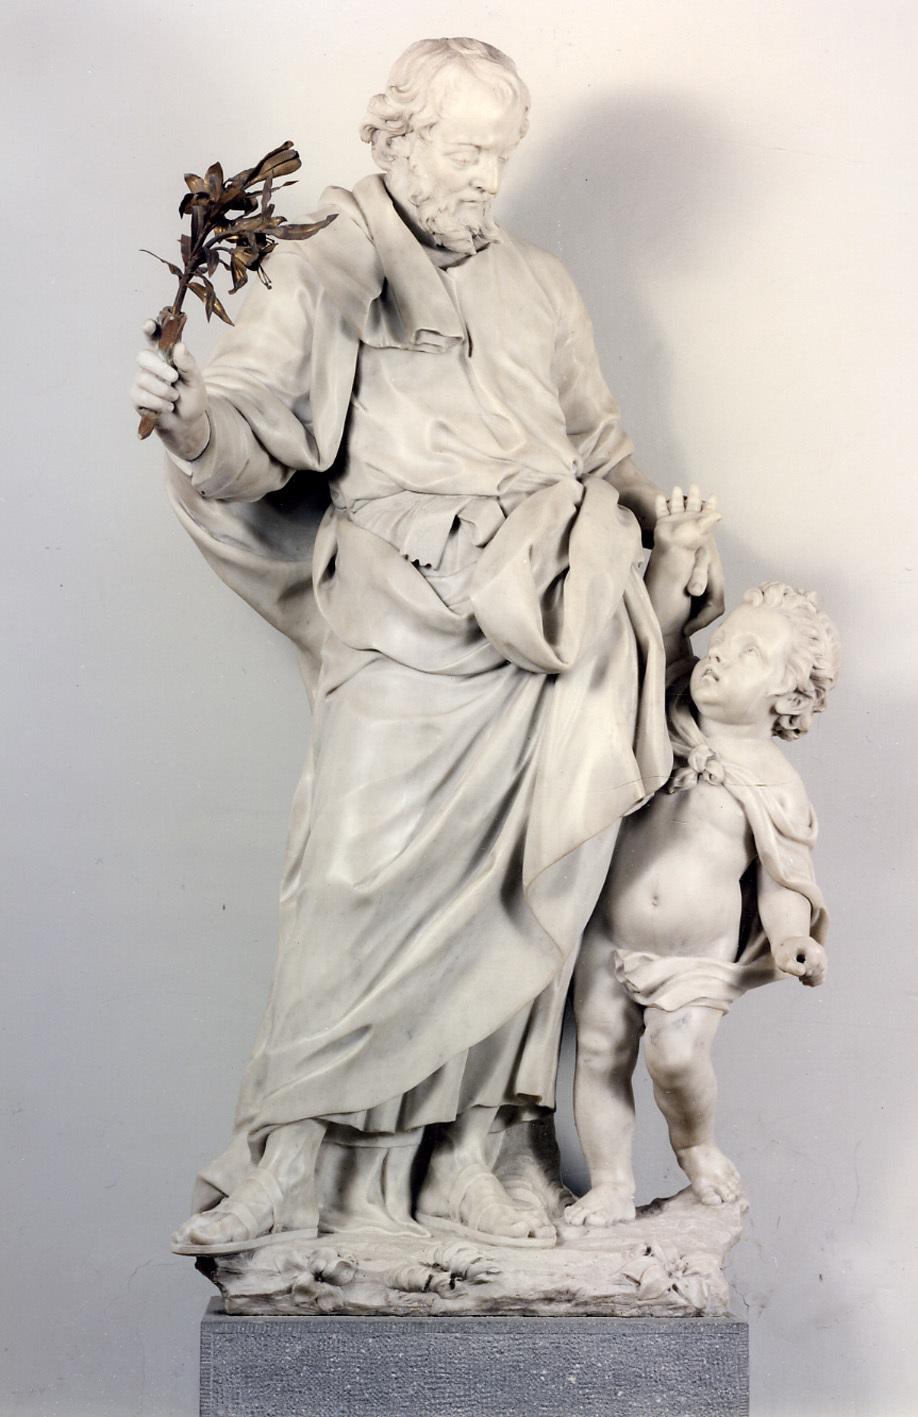 Saint Joseph et l'Enfant Jésus© KIK-IRPA, Brussels, 1996